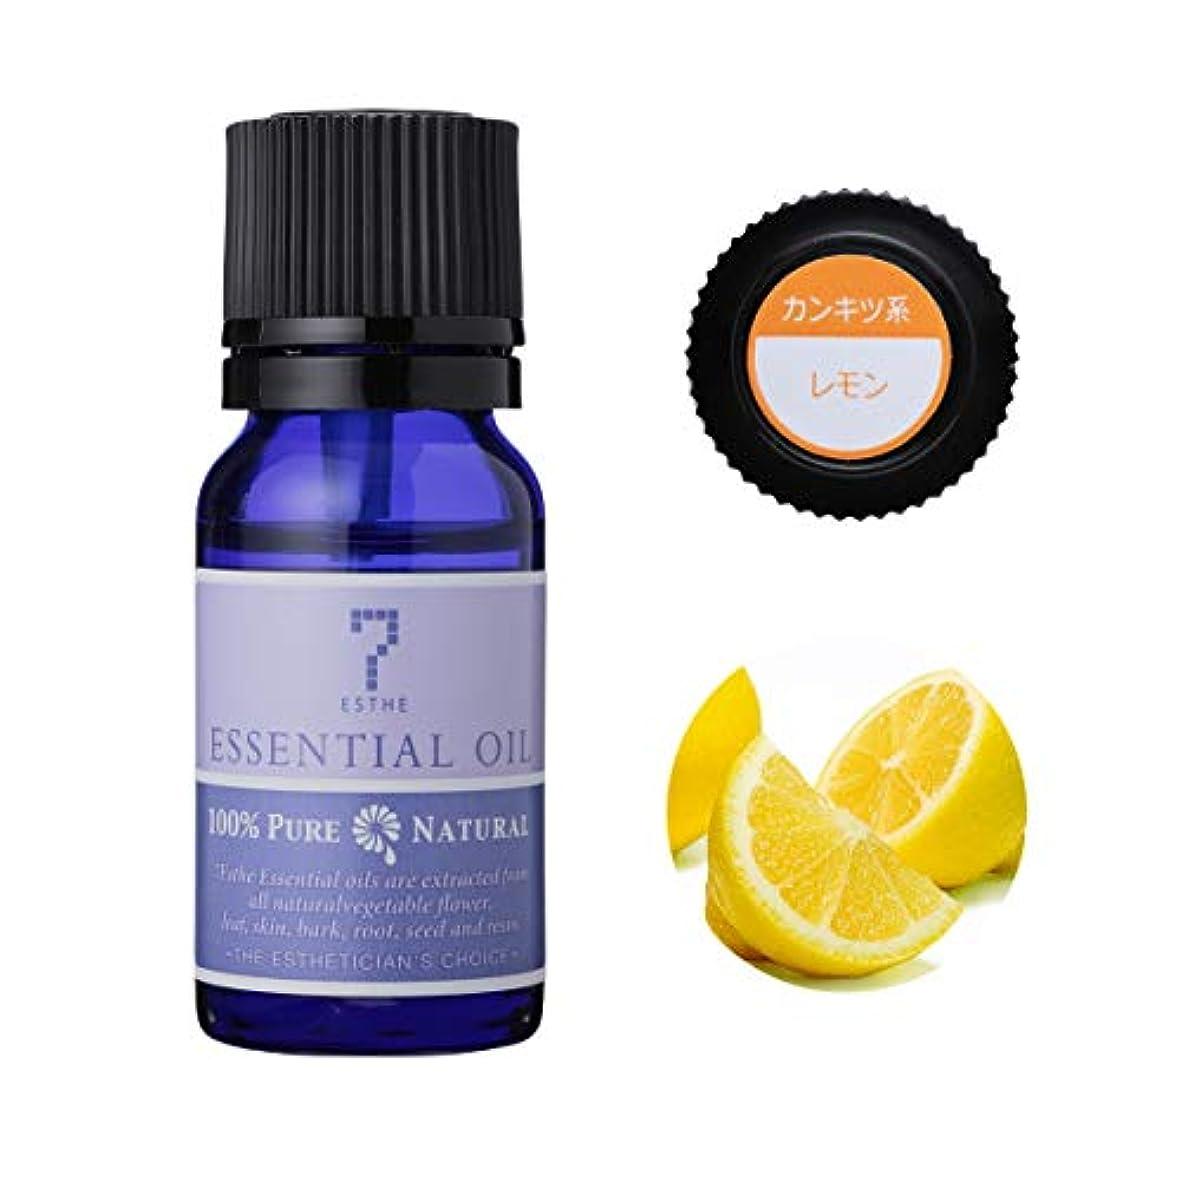 落花生アラブサラボ拡大する7エステ エッセンシャルオイル レモン 10ml アロマオイル 精油